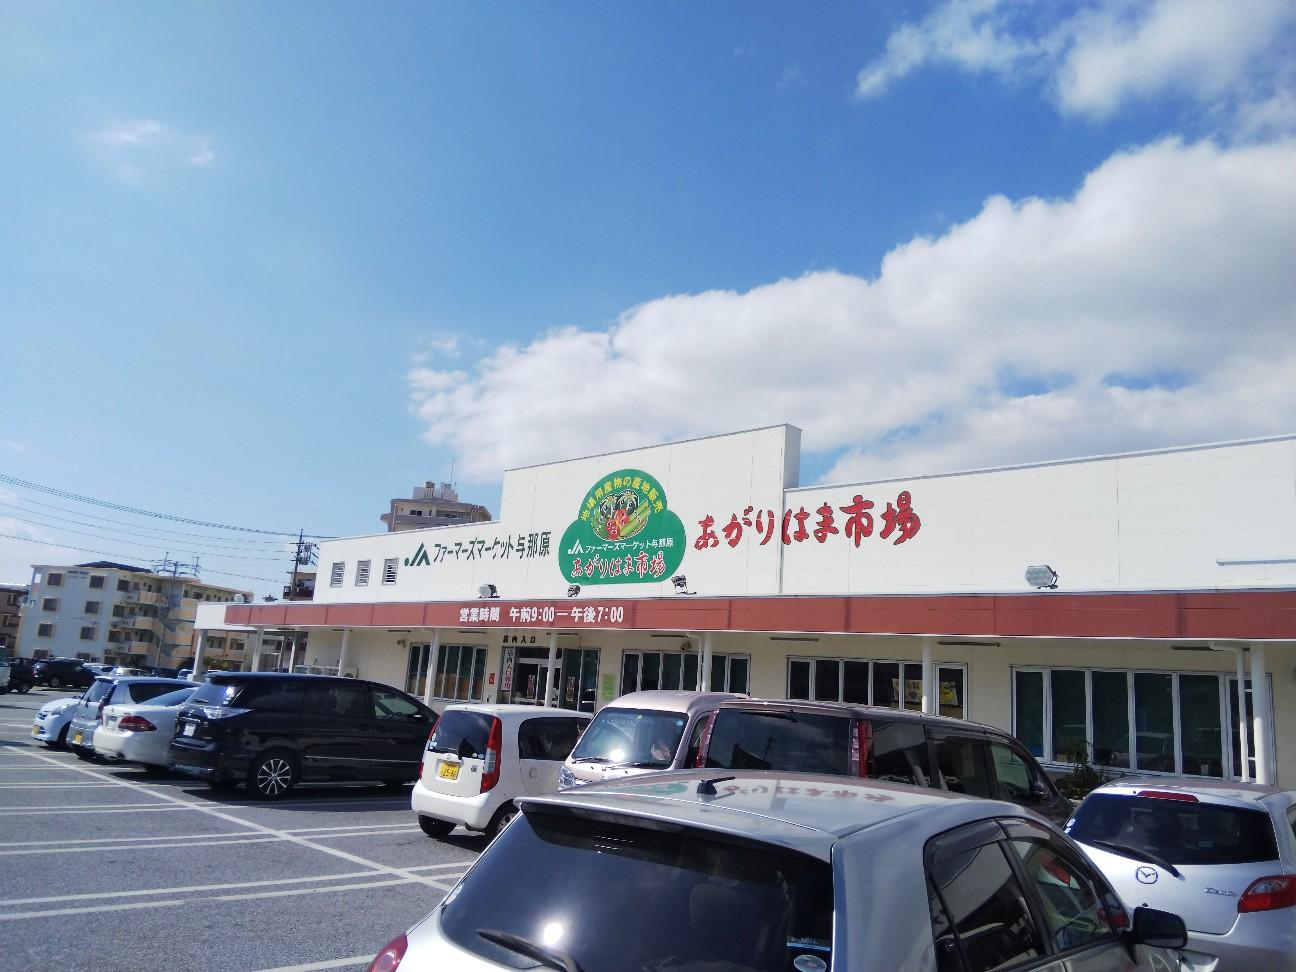 f:id:shimaken9801:20190114132311j:image